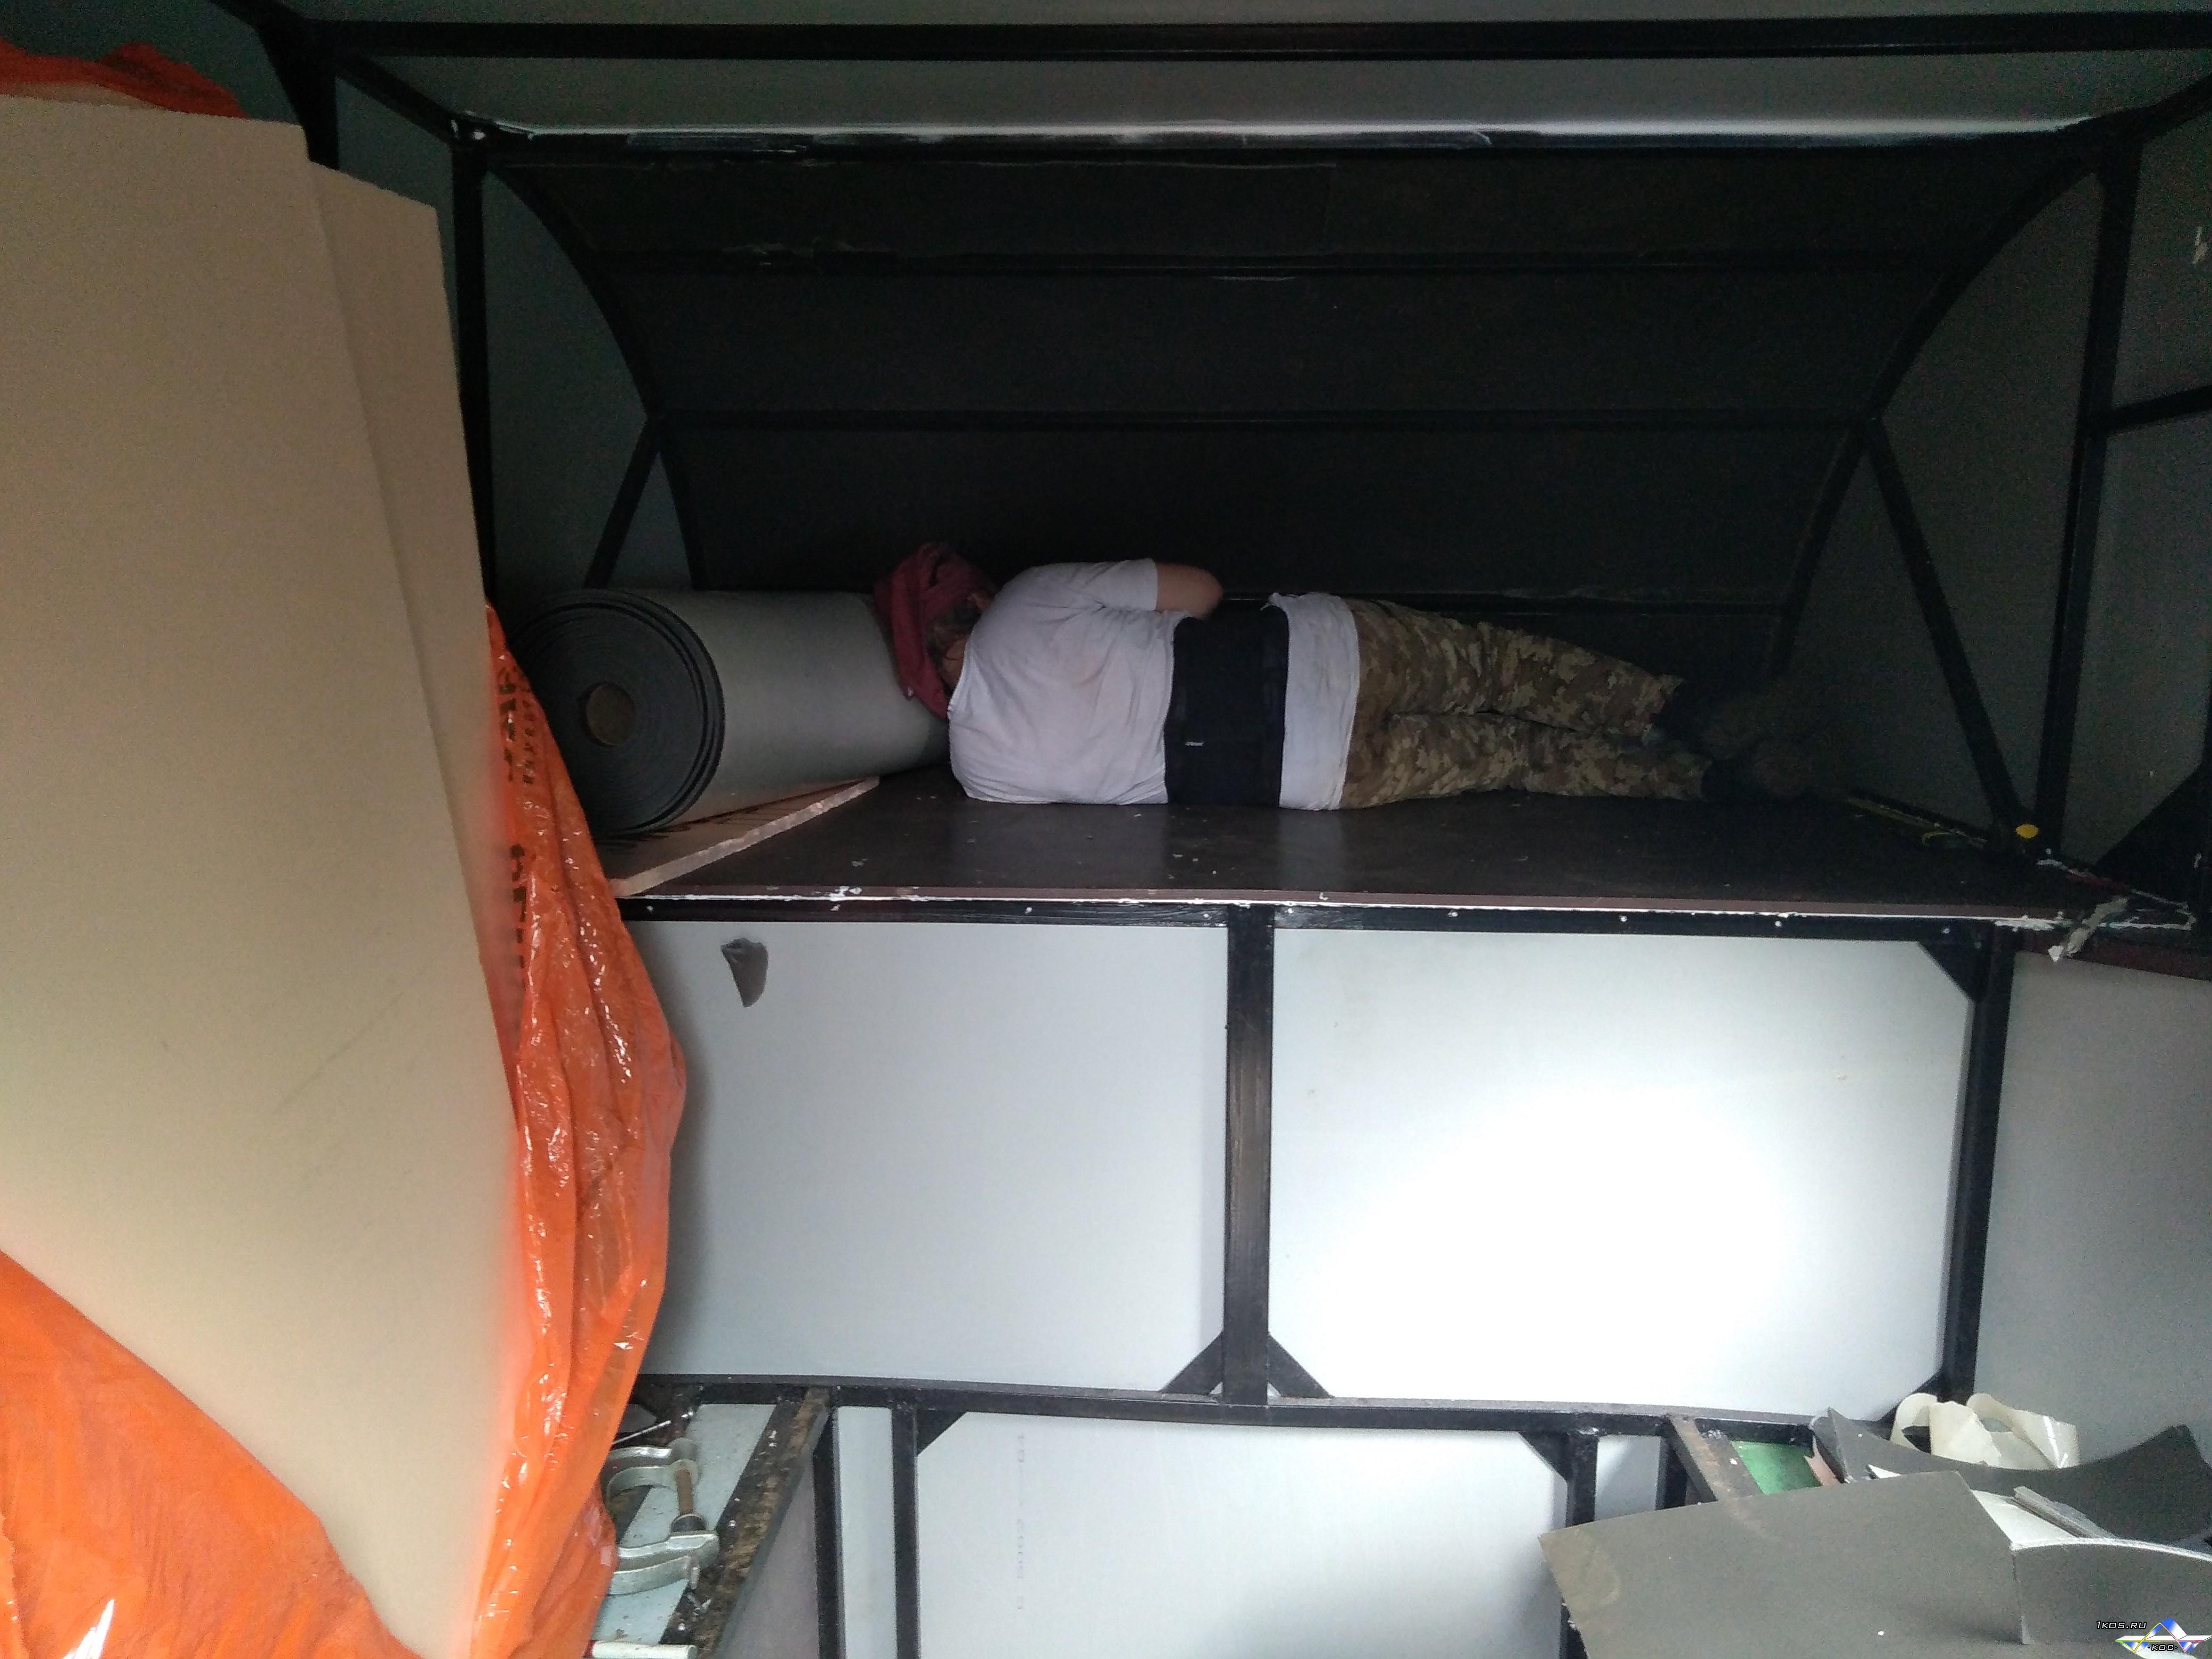 """Застал """"Практиканта"""" спящим в носике алькова фургона в процессе утепления. Видимо проводил испытания на сон и удобство. )"""